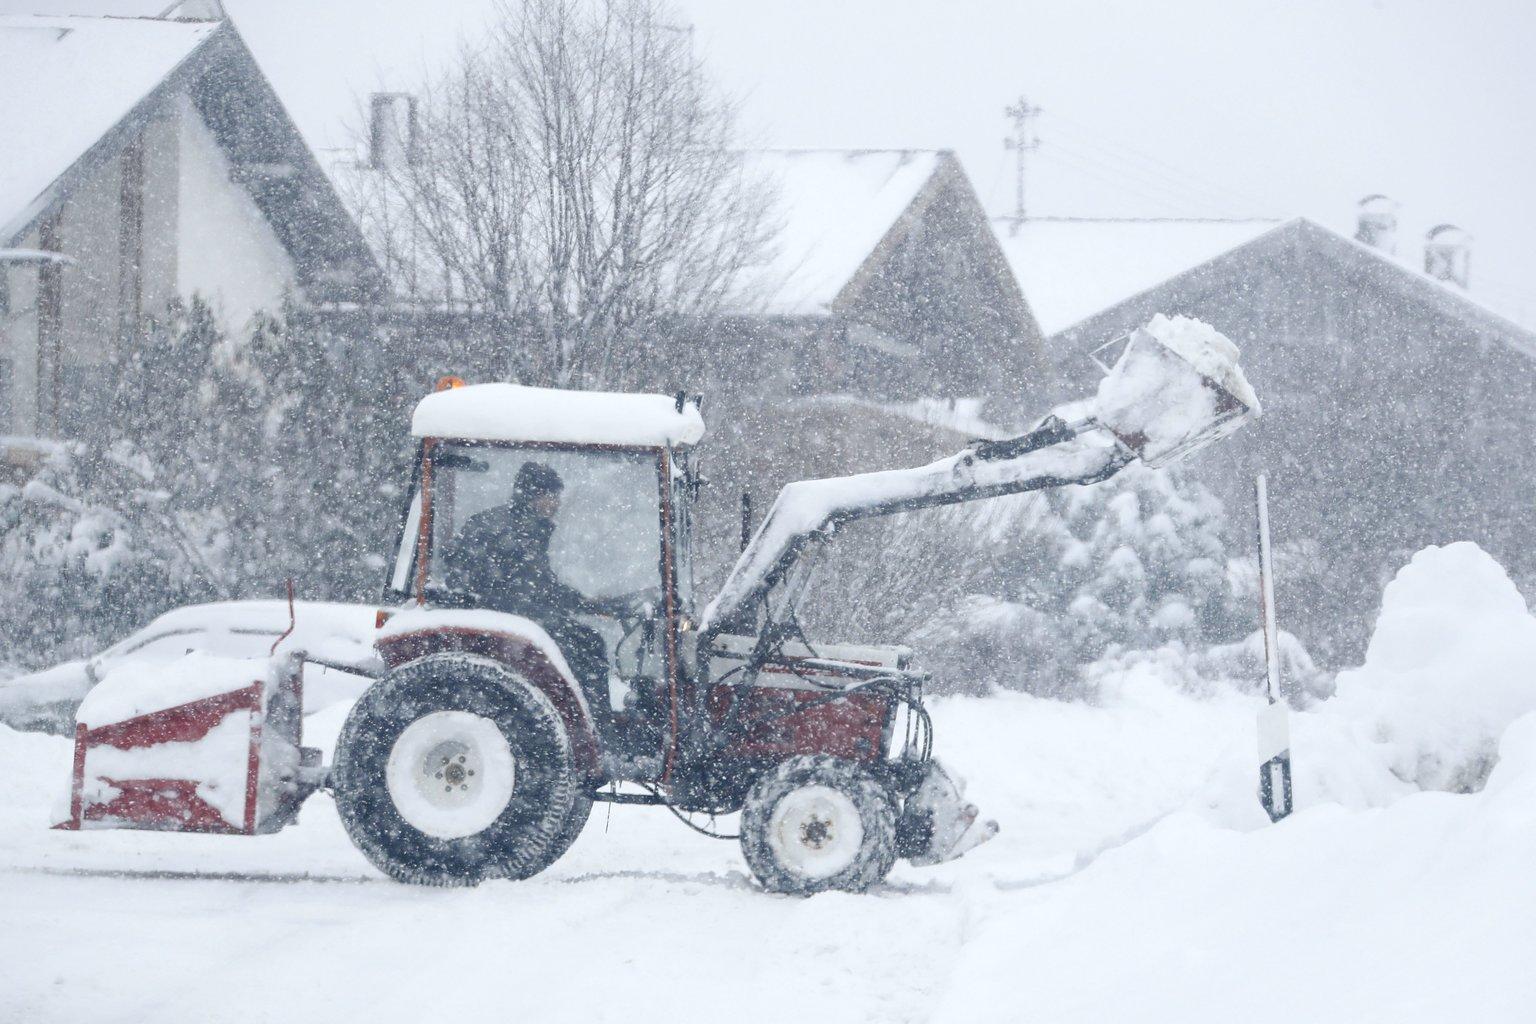 Markológéppel takarítja a havat egy férfi a bajoroszági Irschenberg közelében 2019. január 10-én. A következő napokban további havazás várható a dél-németországi térségben. MTI/AP/Matthias Schrader